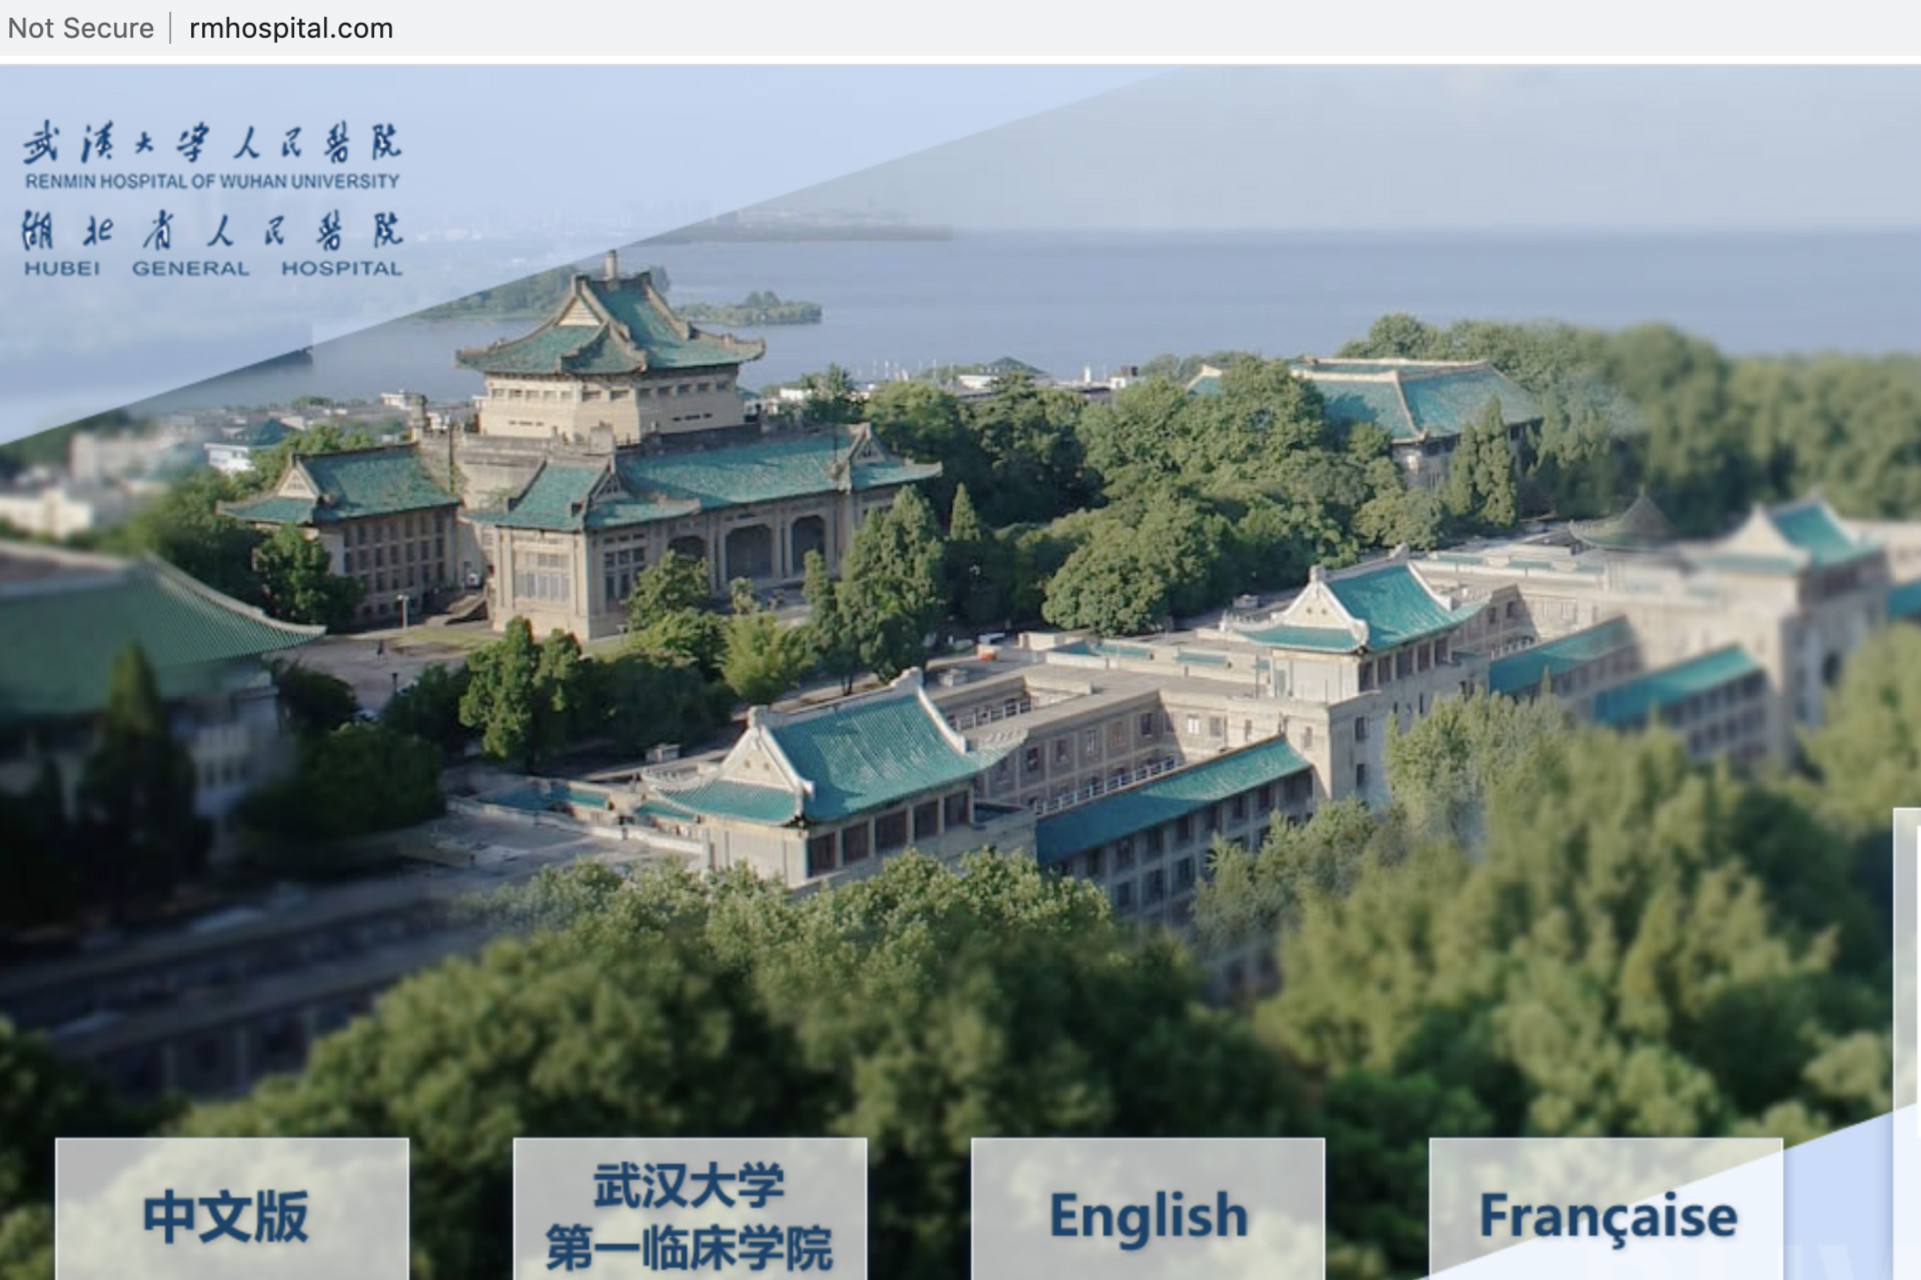 【獨家】湖北人民醫院五百人染疫 當局掩蓋